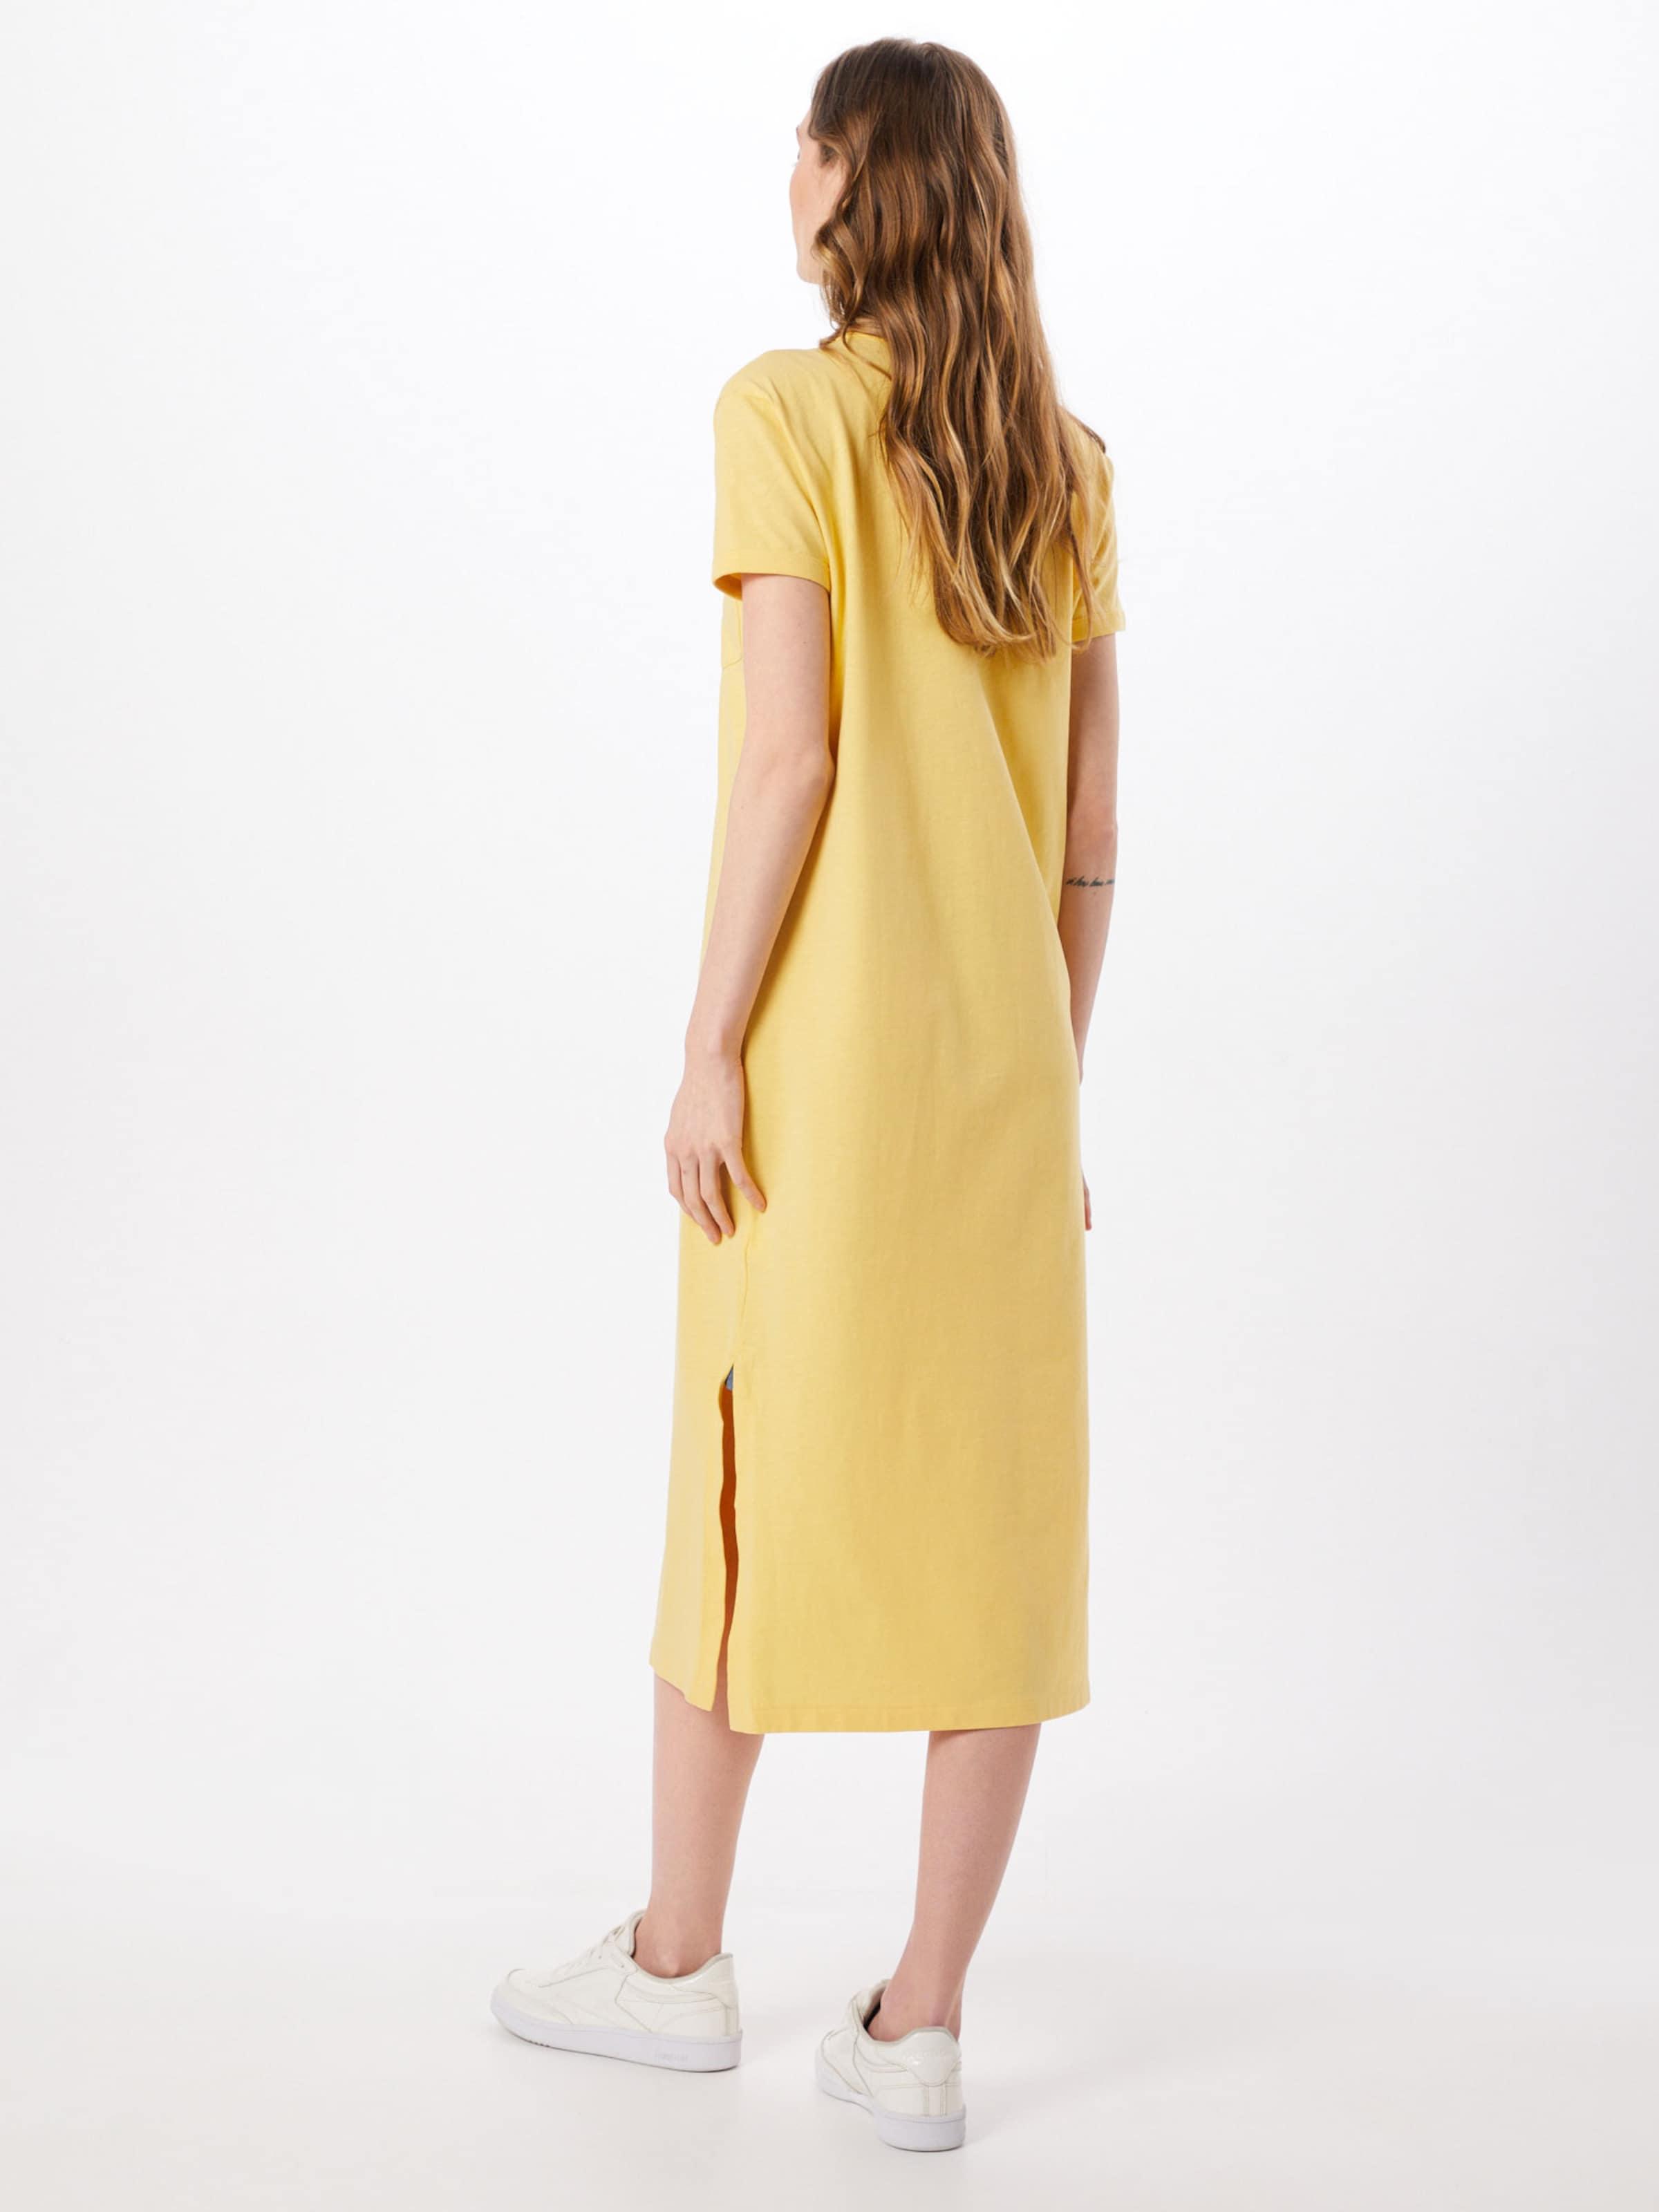 Ralph Drs Jaune casual Robe Dress' short D'été Polo Tee Lauren 'pkt En Sleeve 8PwO0kXn